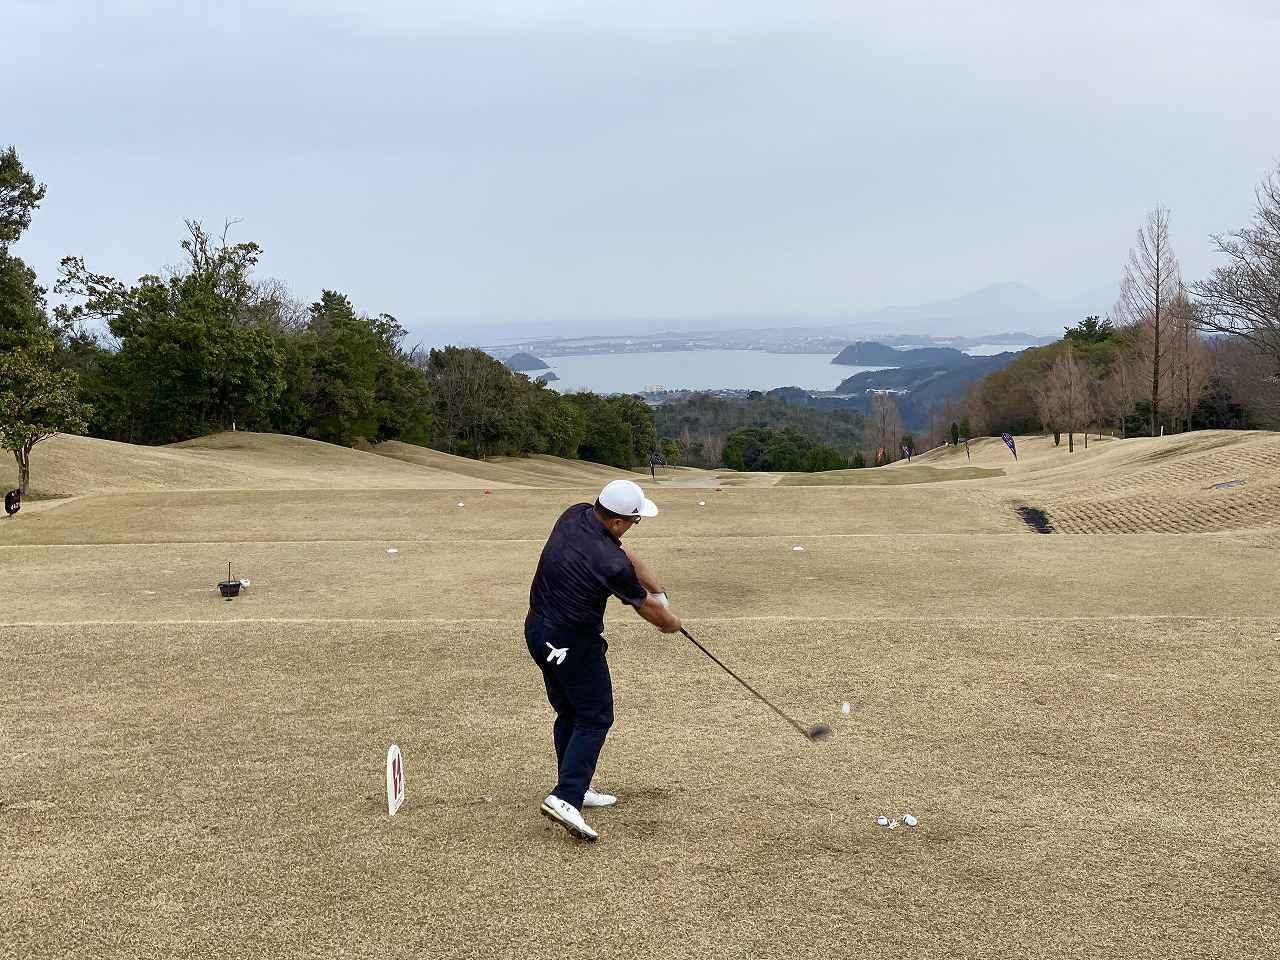 画像: オープン・シニアカテゴリーにて優勝した酉川選手のショット